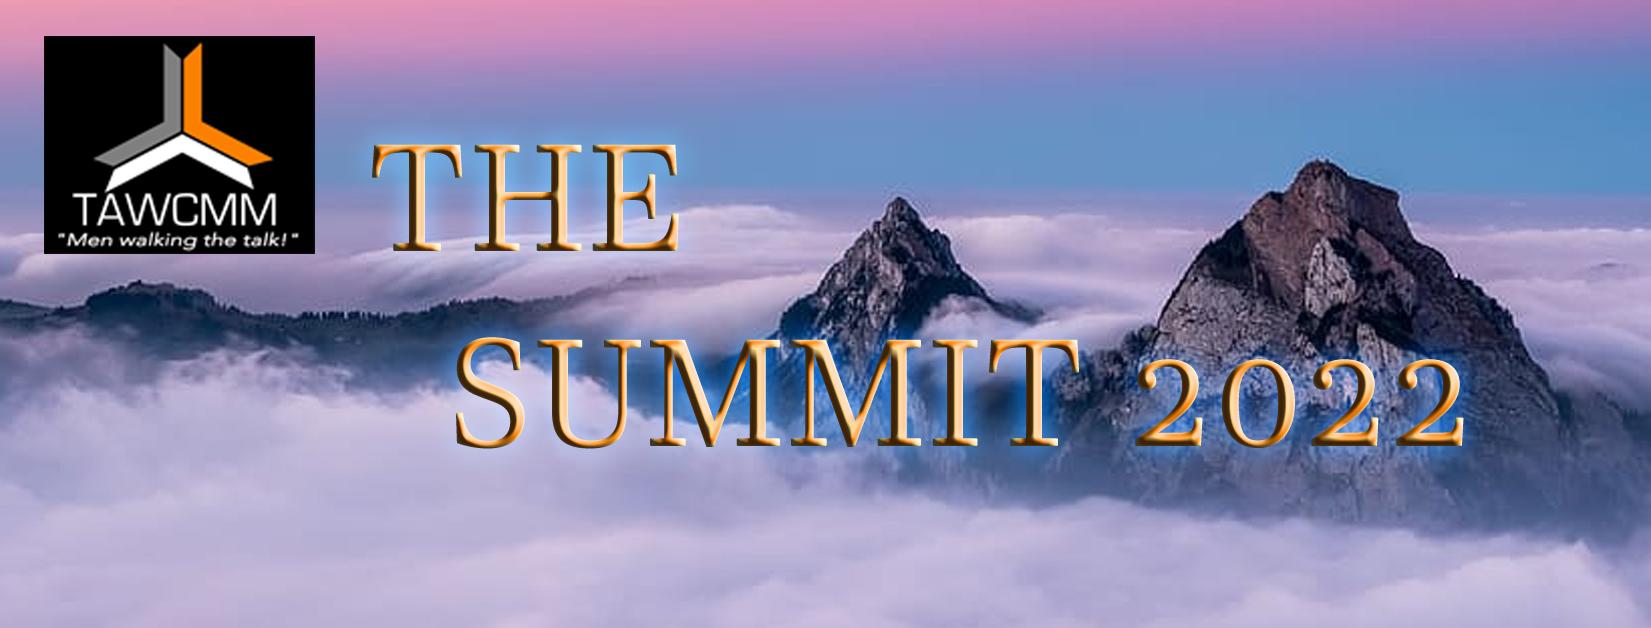 tawcmm-summit-2022.jpg